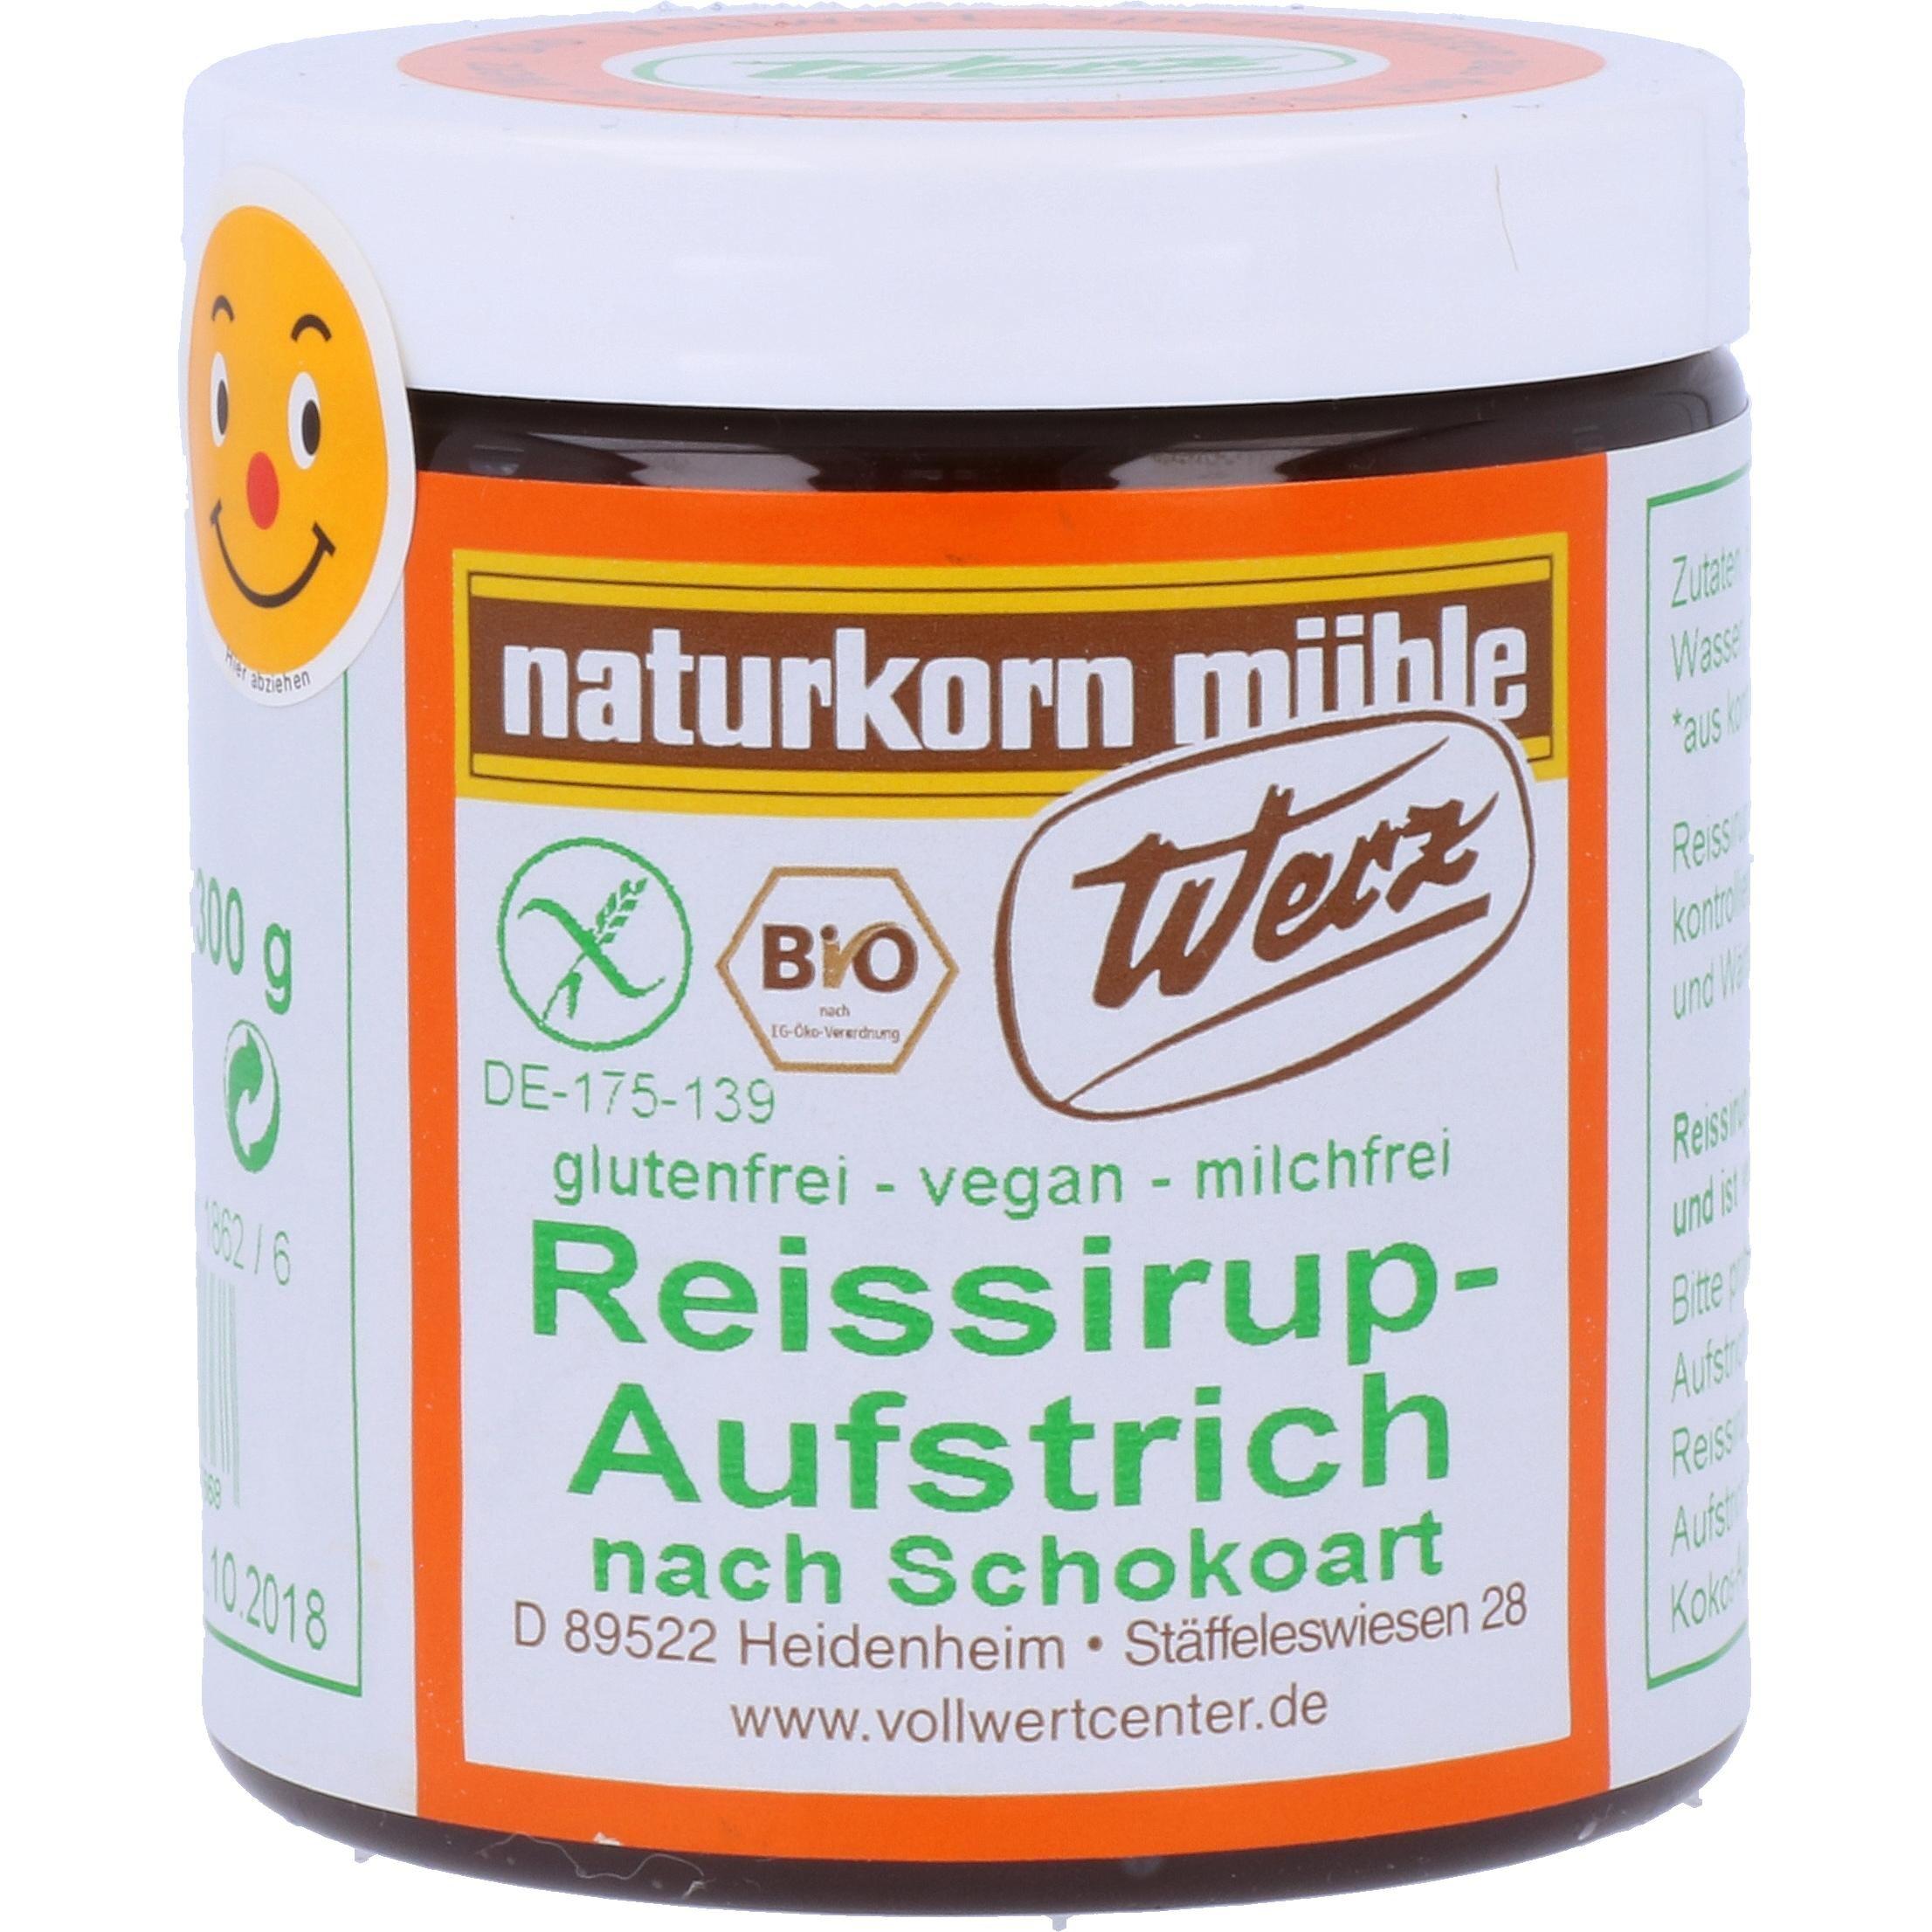 Werz Bio Reissirup Aufstrich nach Schokoart 300g